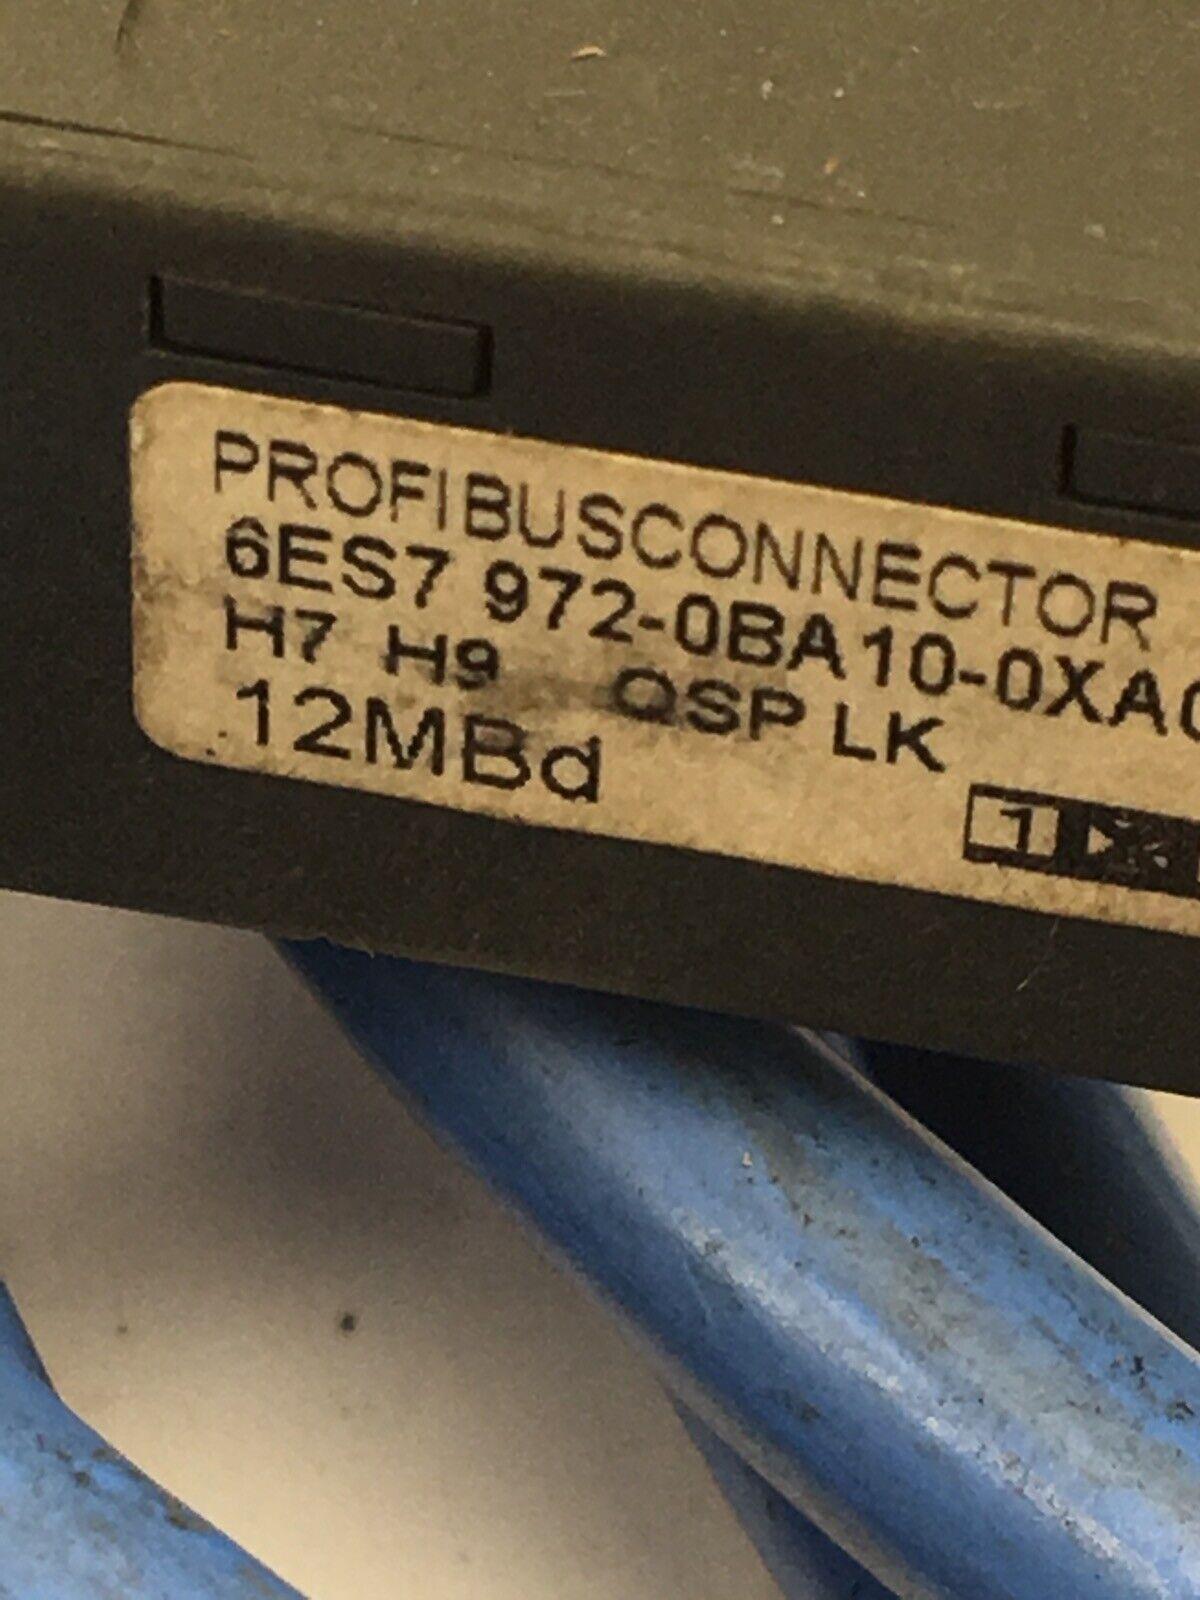 Siemens simatic S7 Profibusconnector 6ES7 972-0BA10-0XA0 //// 6ES7972-0BA10-0XA0